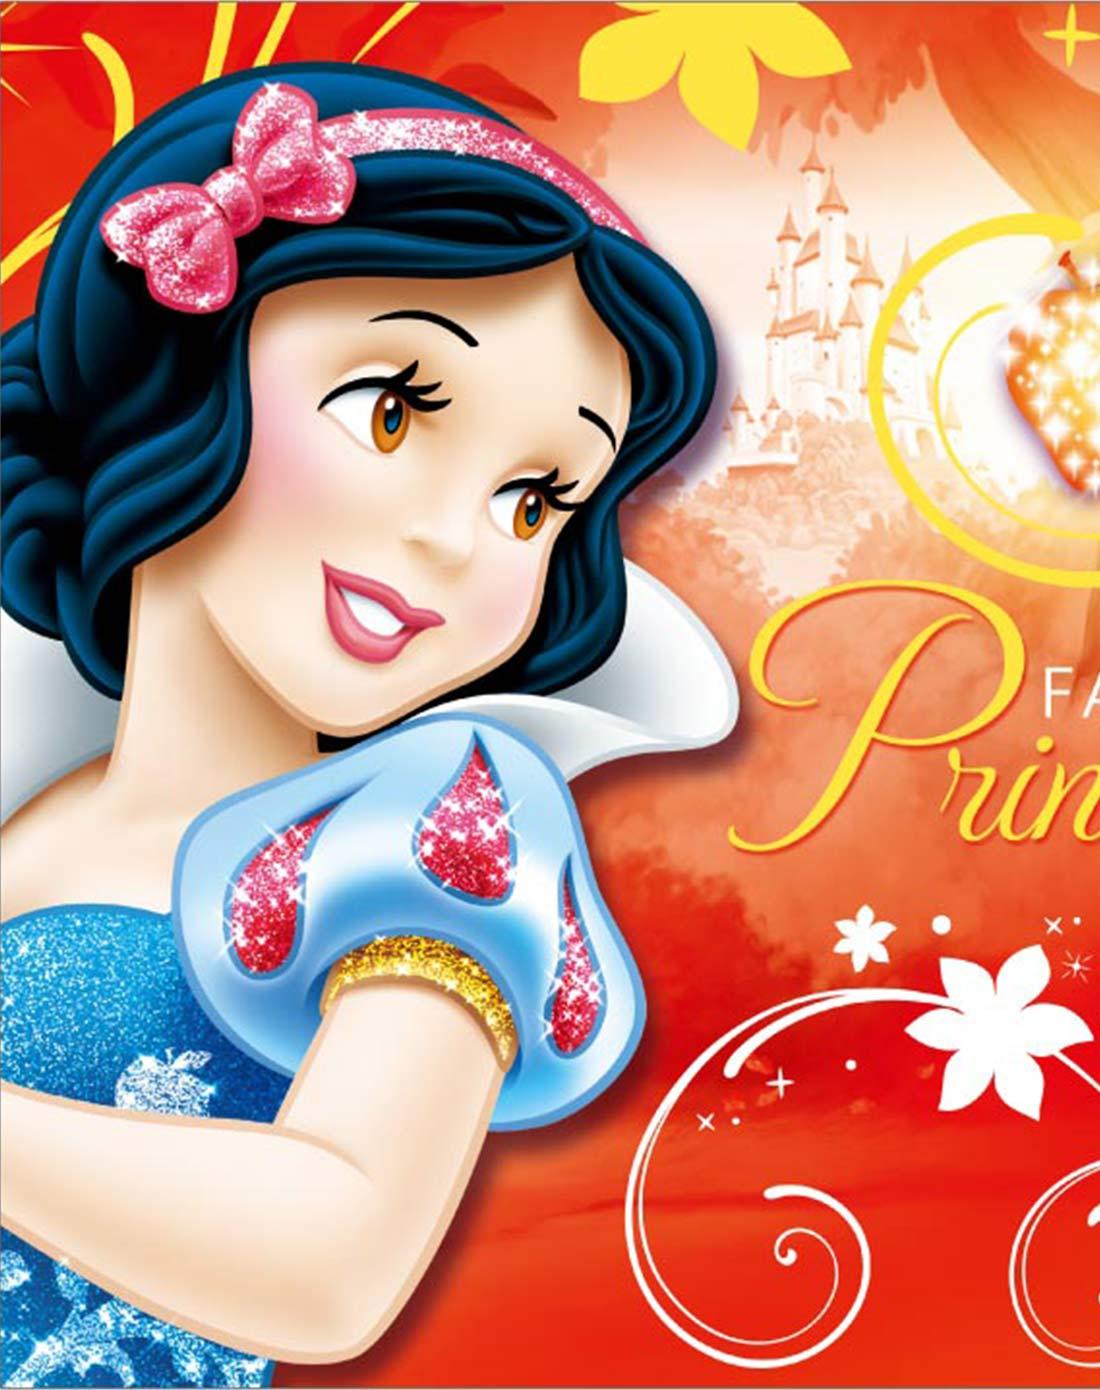 迪士尼 挂画-白雪公主欢乐时光